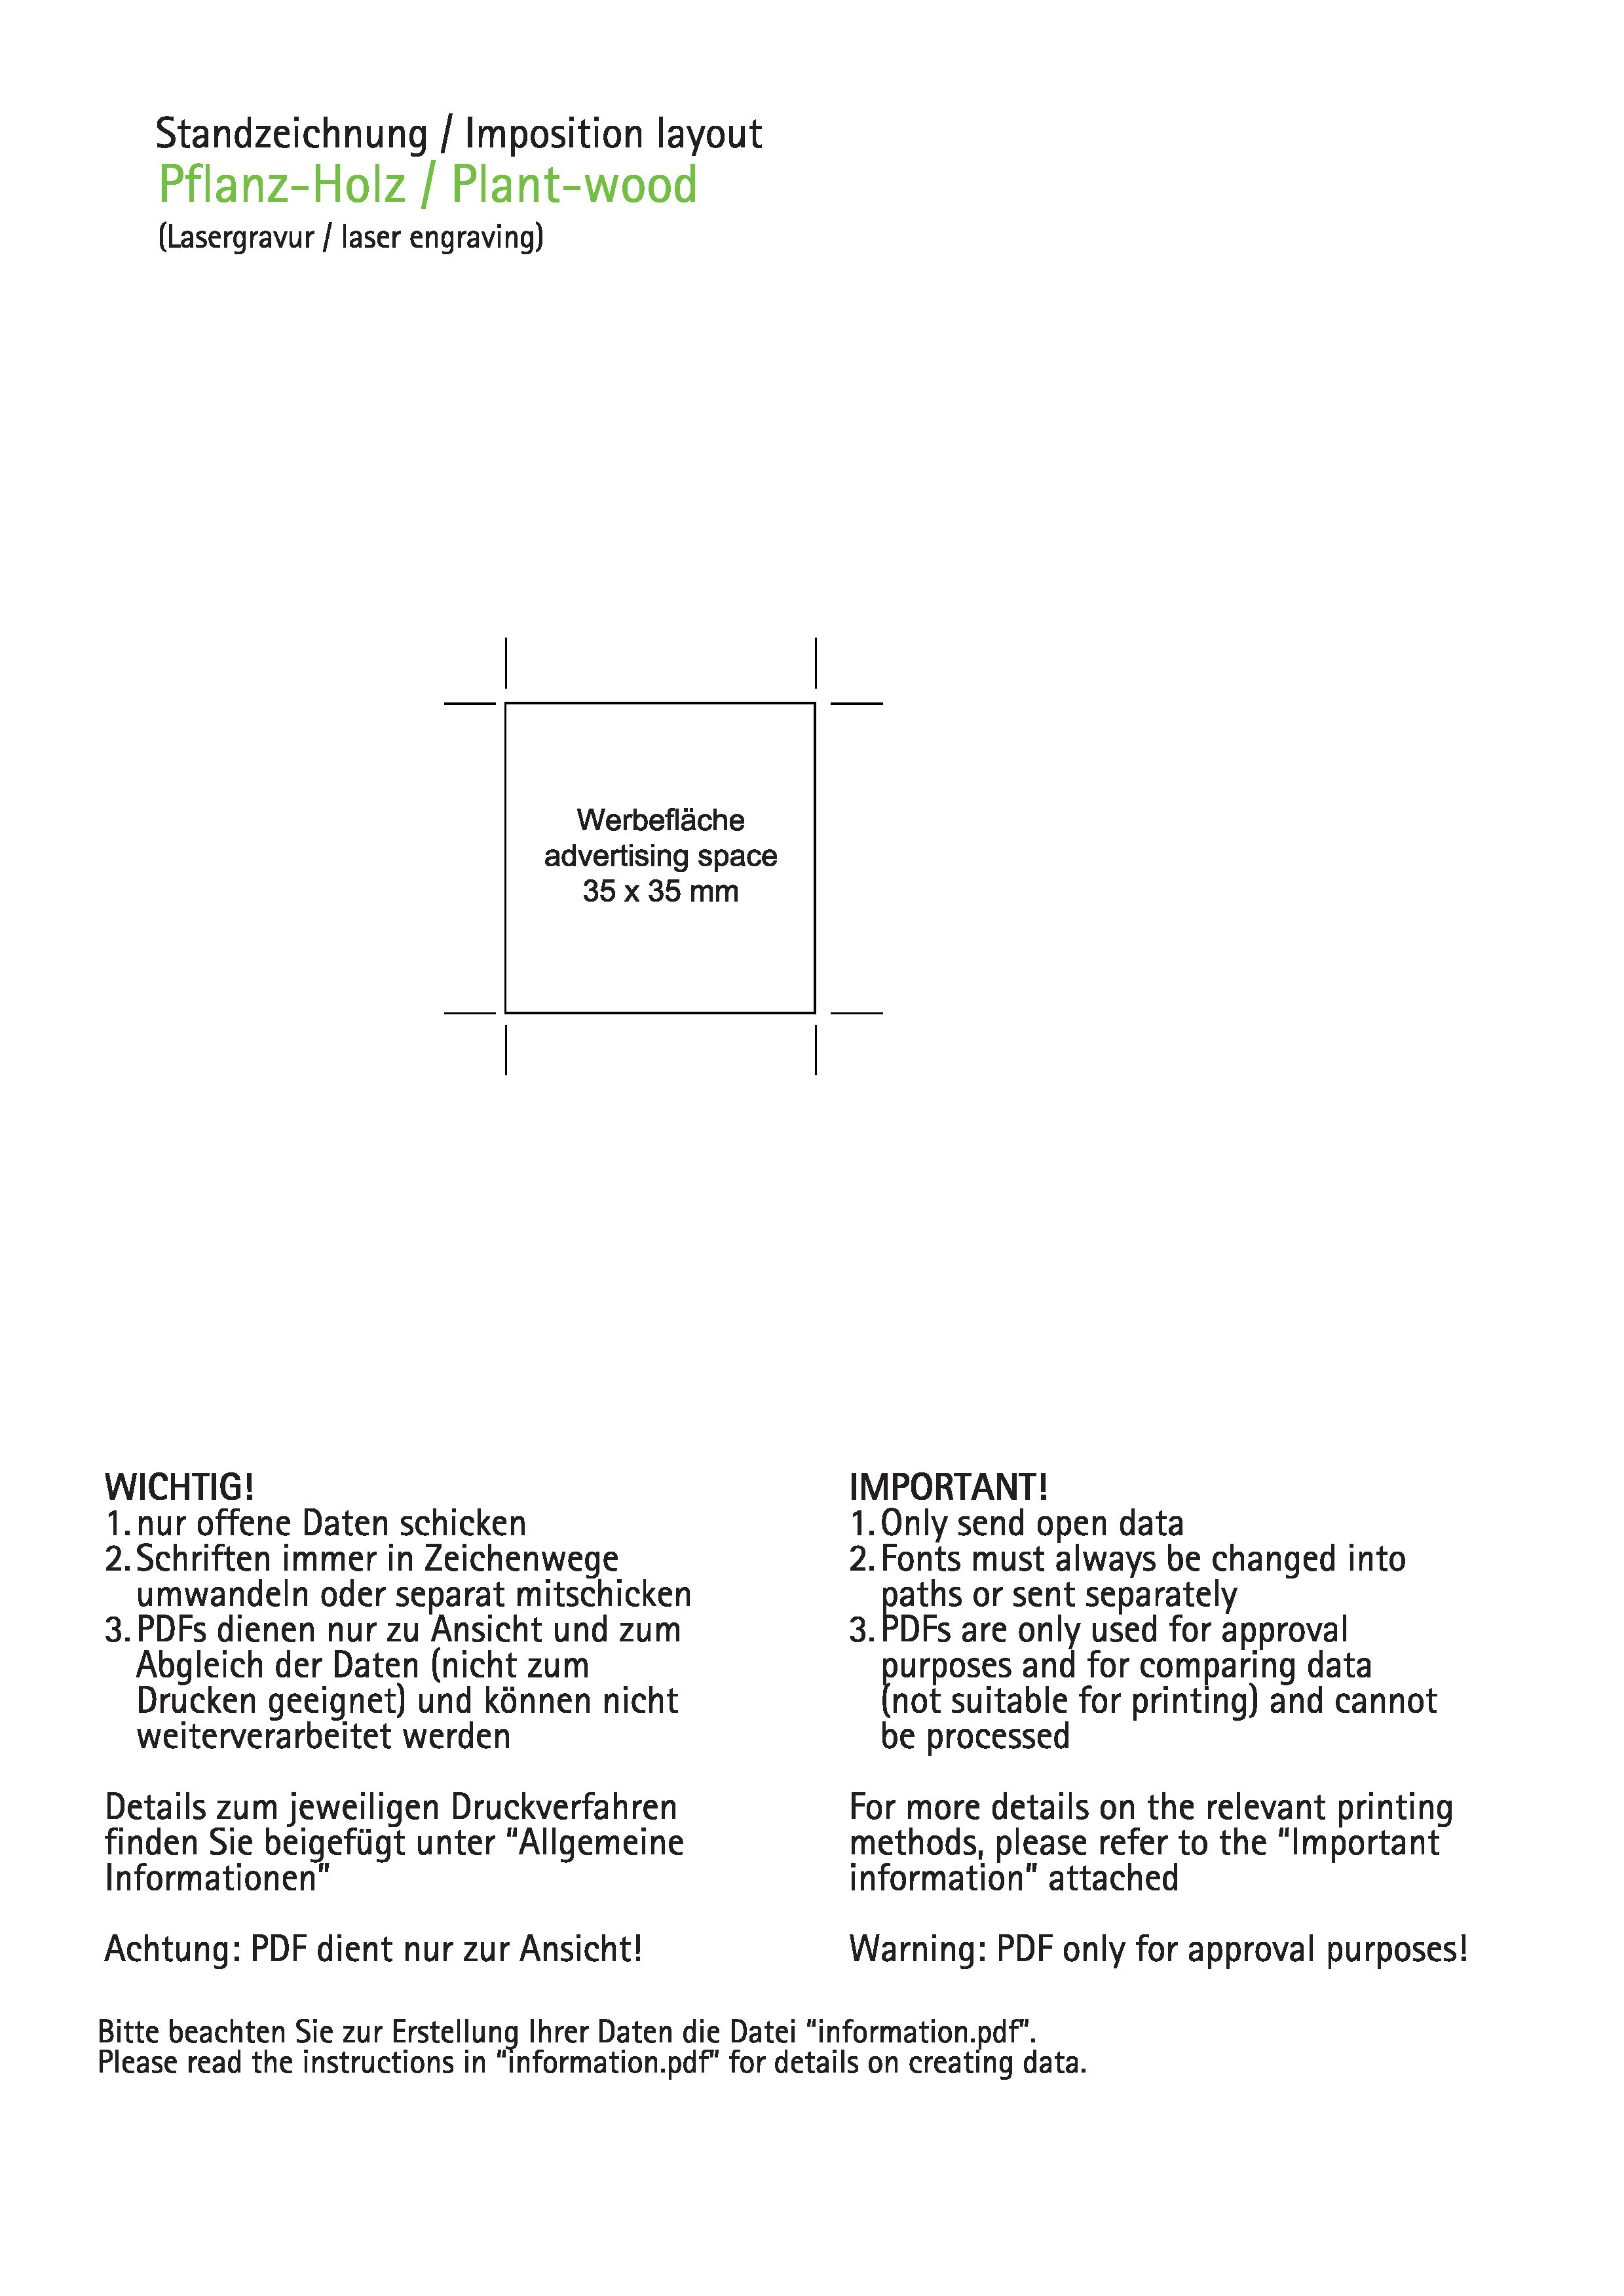 Pflanz-Holz Weihnachten inkl Lasergravur auf zwei bedruckt als ...